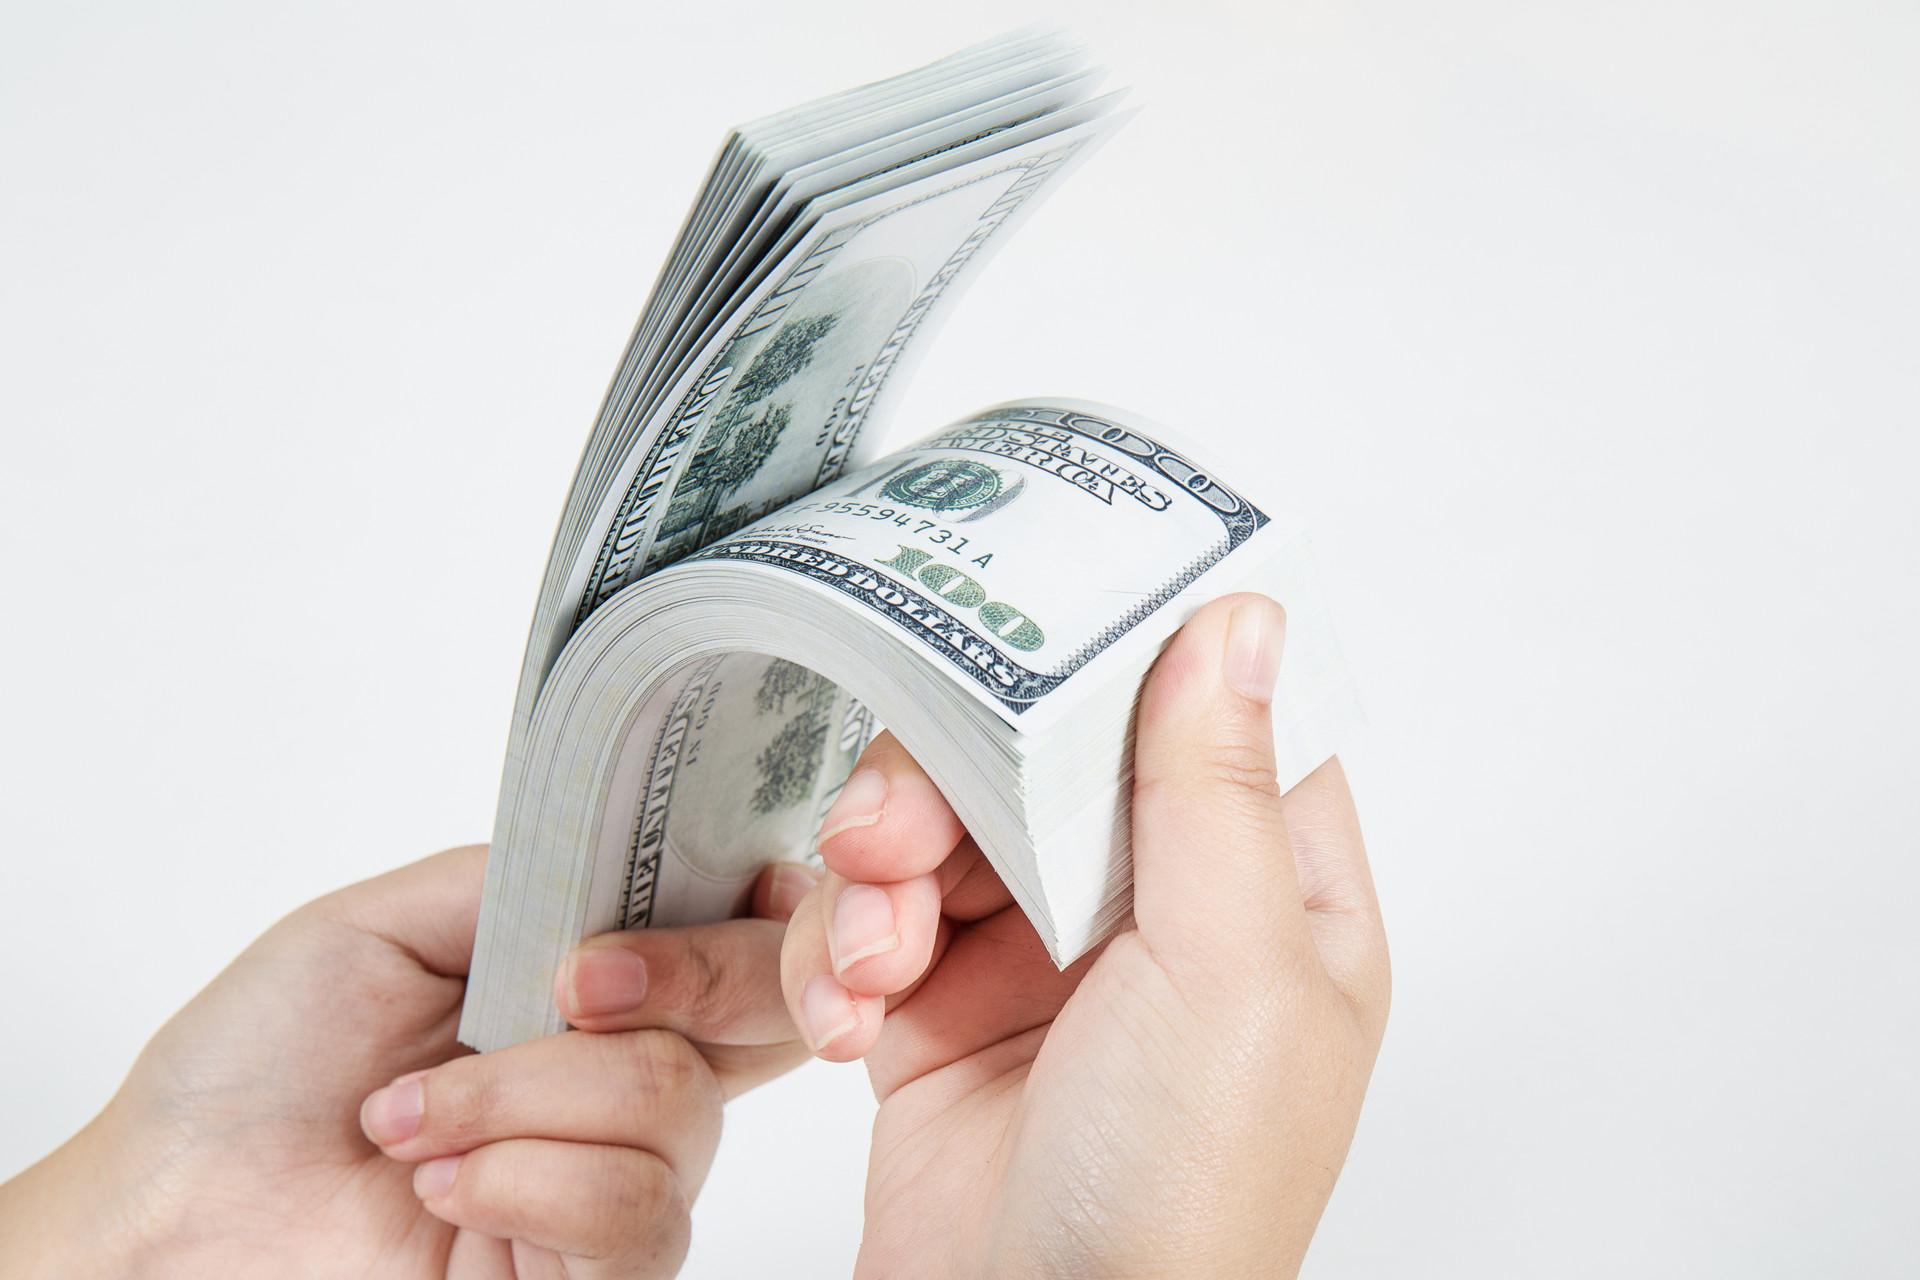 代发薪资平台如何选优? 可以根据这几个特性来判断